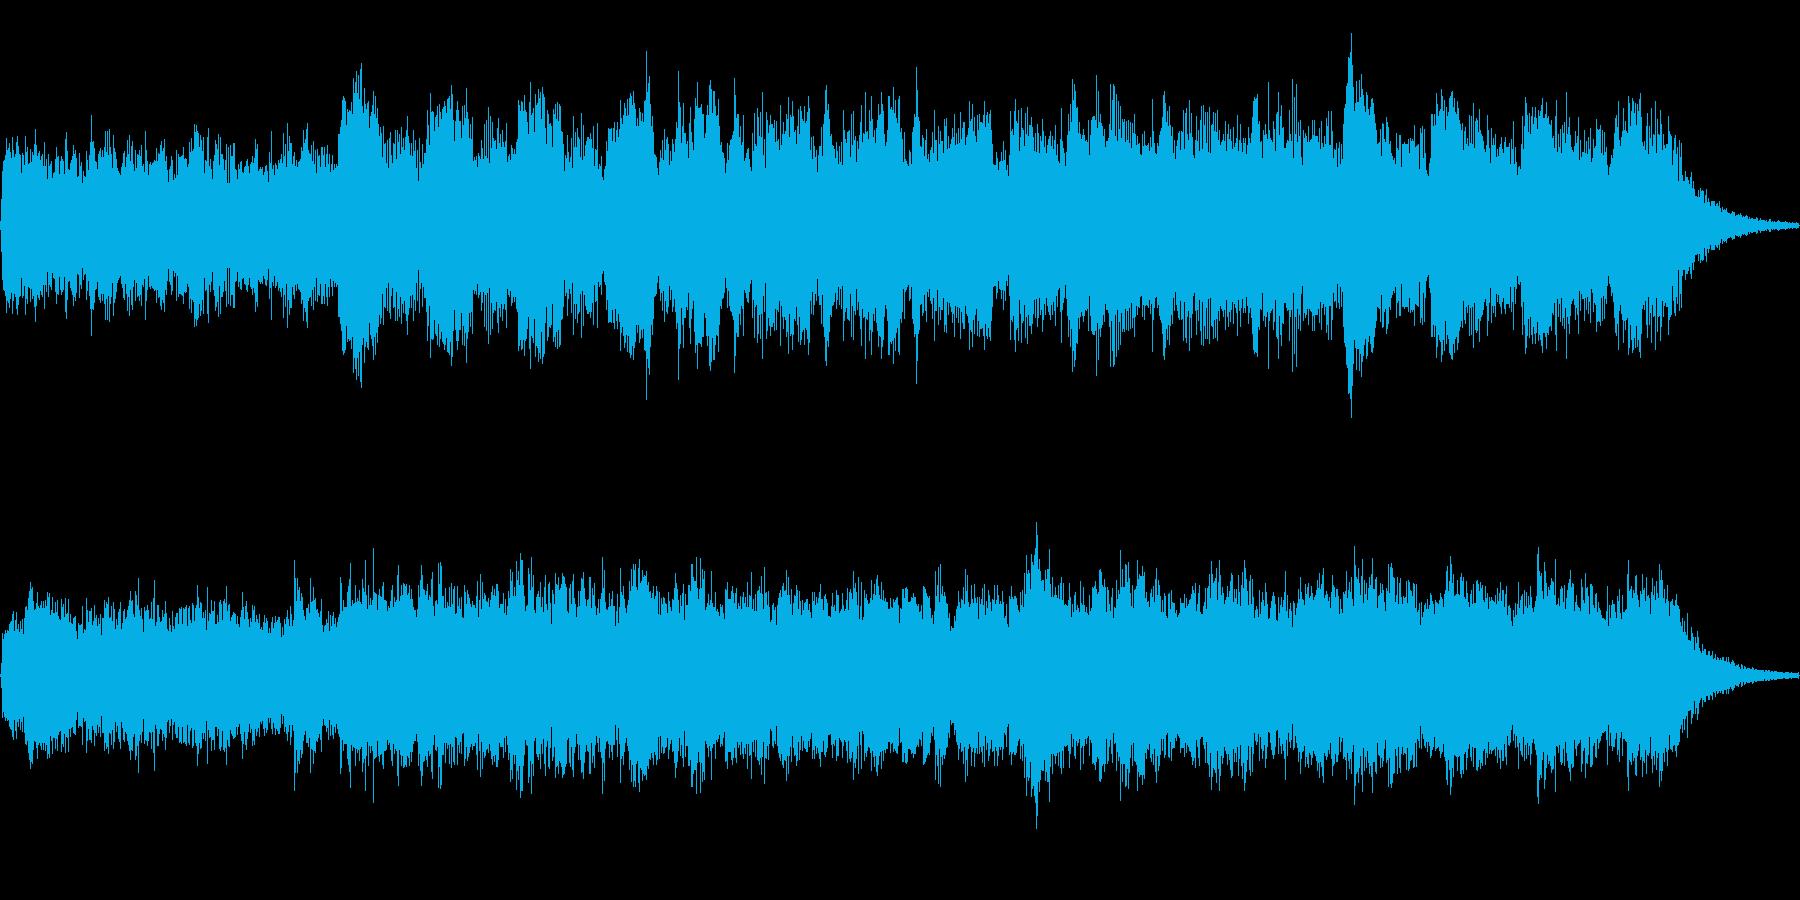 暗い海の底の様な深淵な音像の再生済みの波形